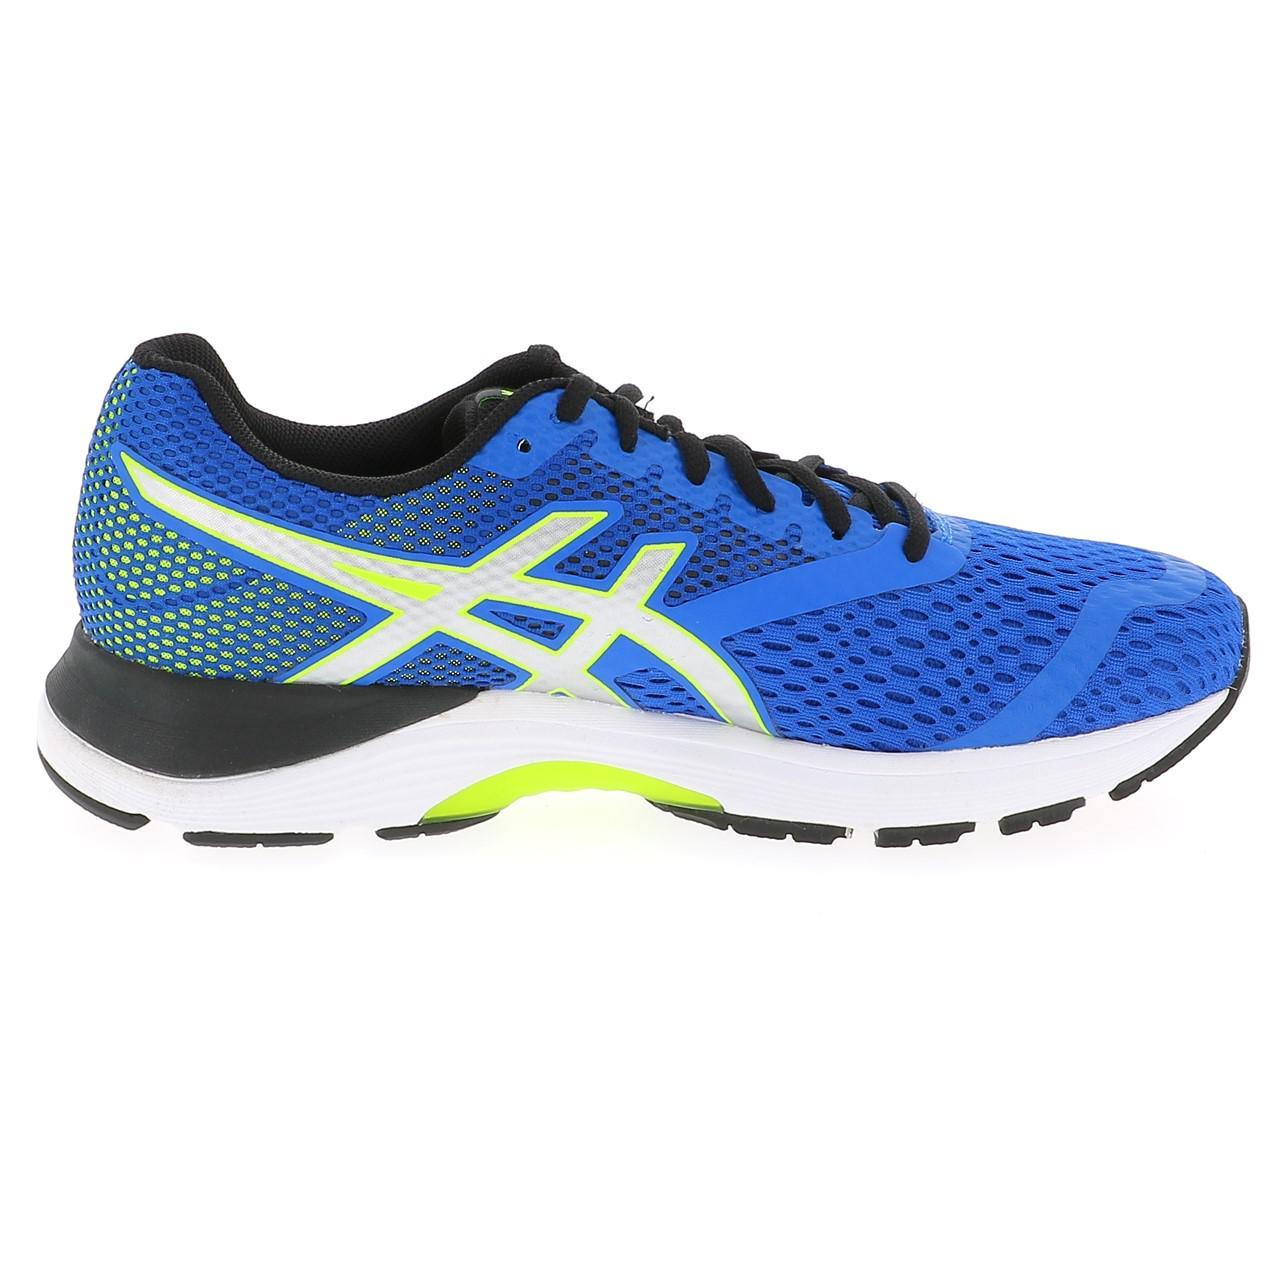 Détails sur Chaussures running Asics Pulse 10 blue run Bleu 16968 Neuf